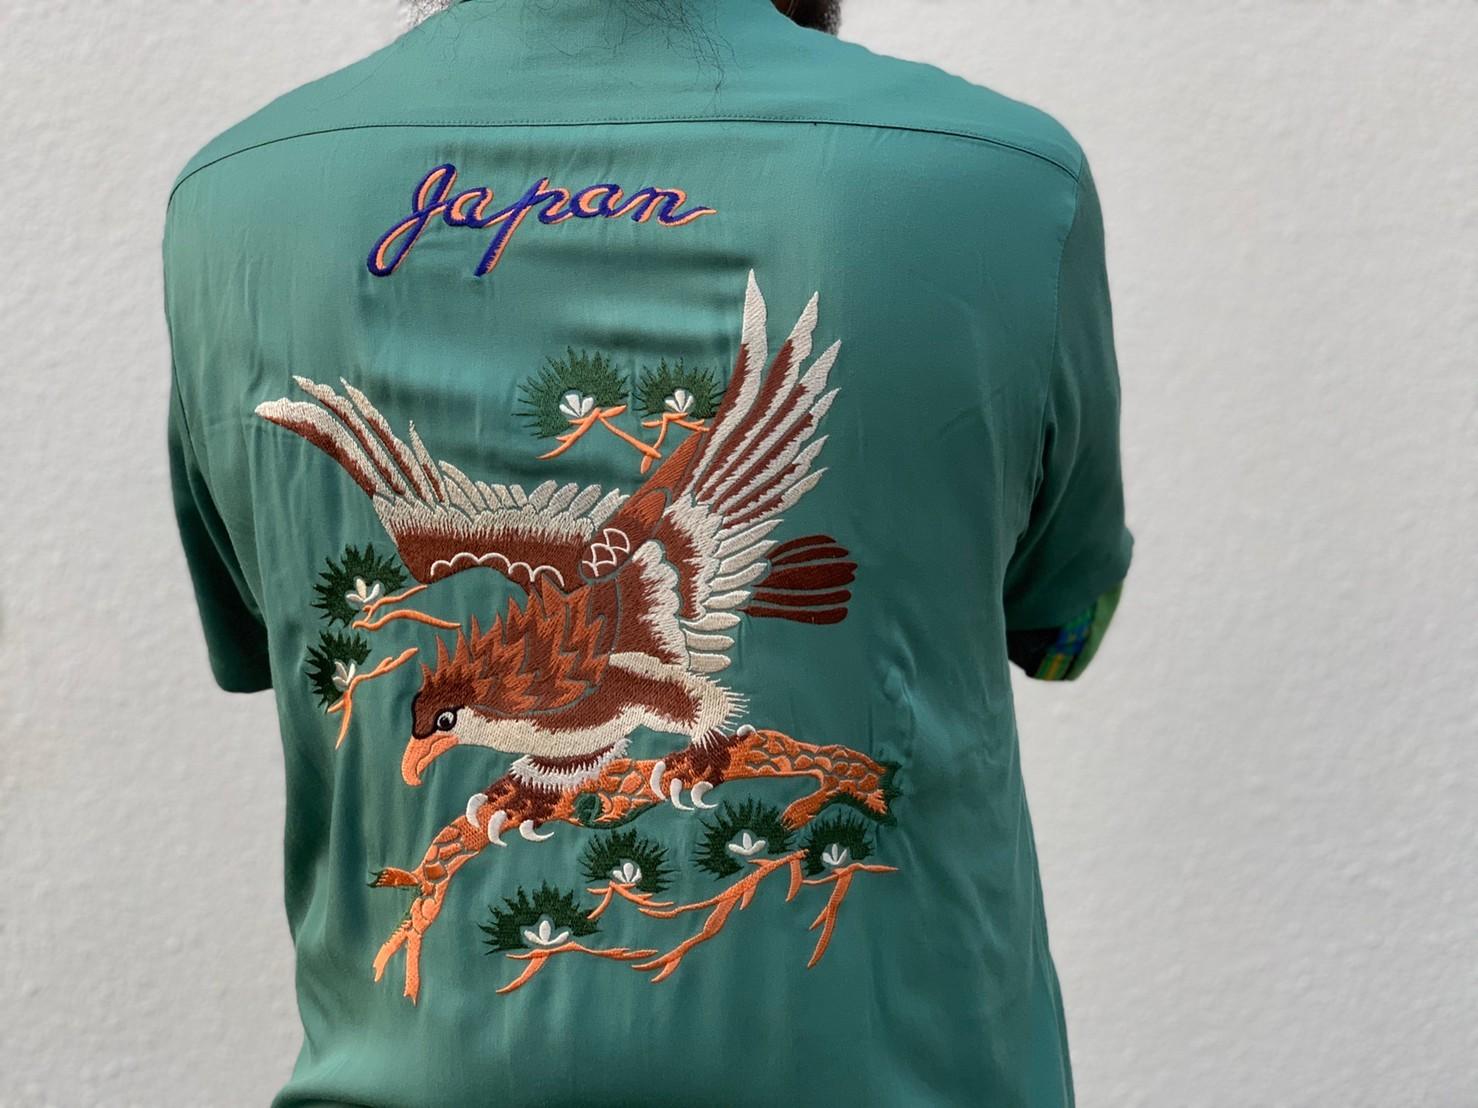 スカシャツも入荷してます!!_c0167336_20200876.jpg